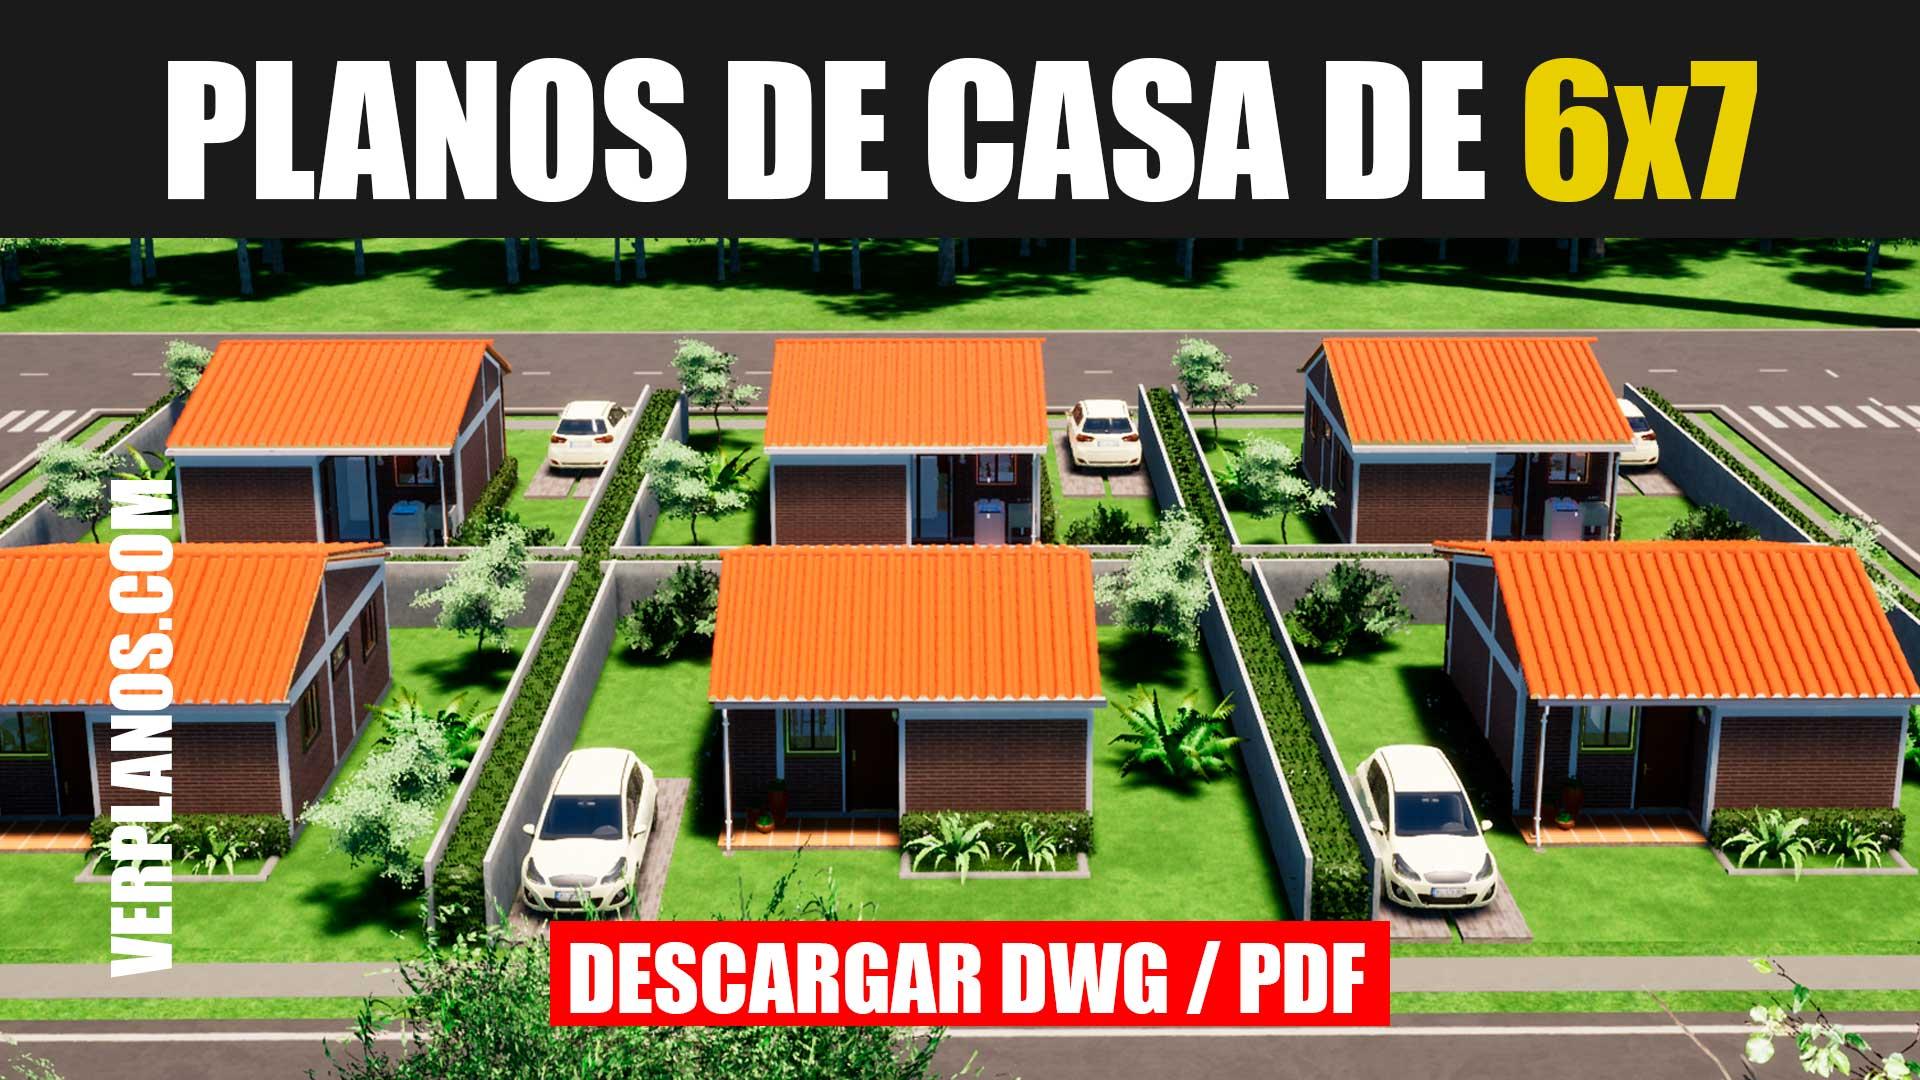 planos de casa economica de 1 piso y 2 dormitorios con medidas en autocad y dwg pdf gratis bajar